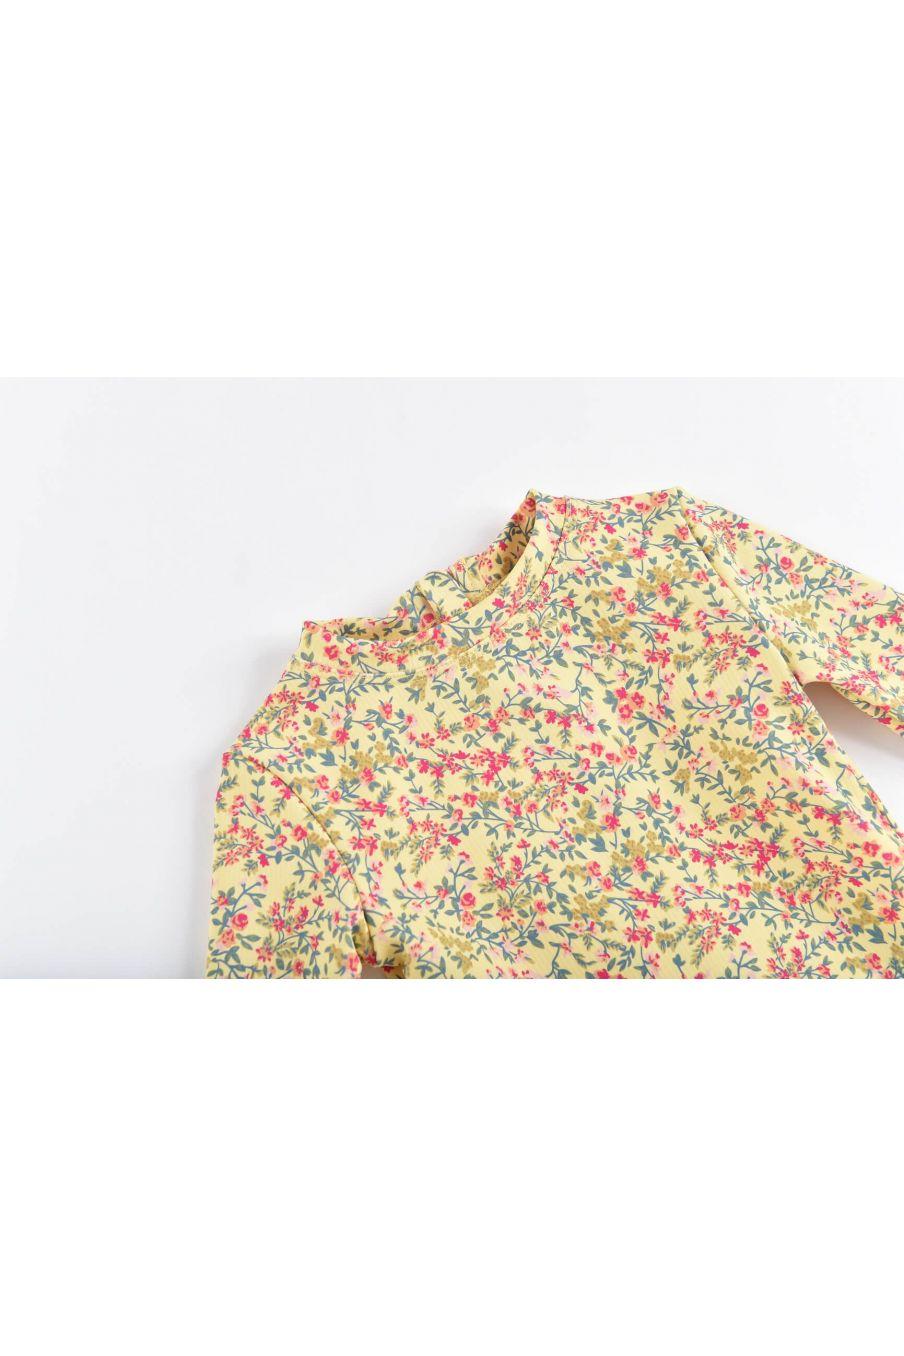 boheme chic vintage set de protection uv bébé fille aurelie soft yellow spring flowers